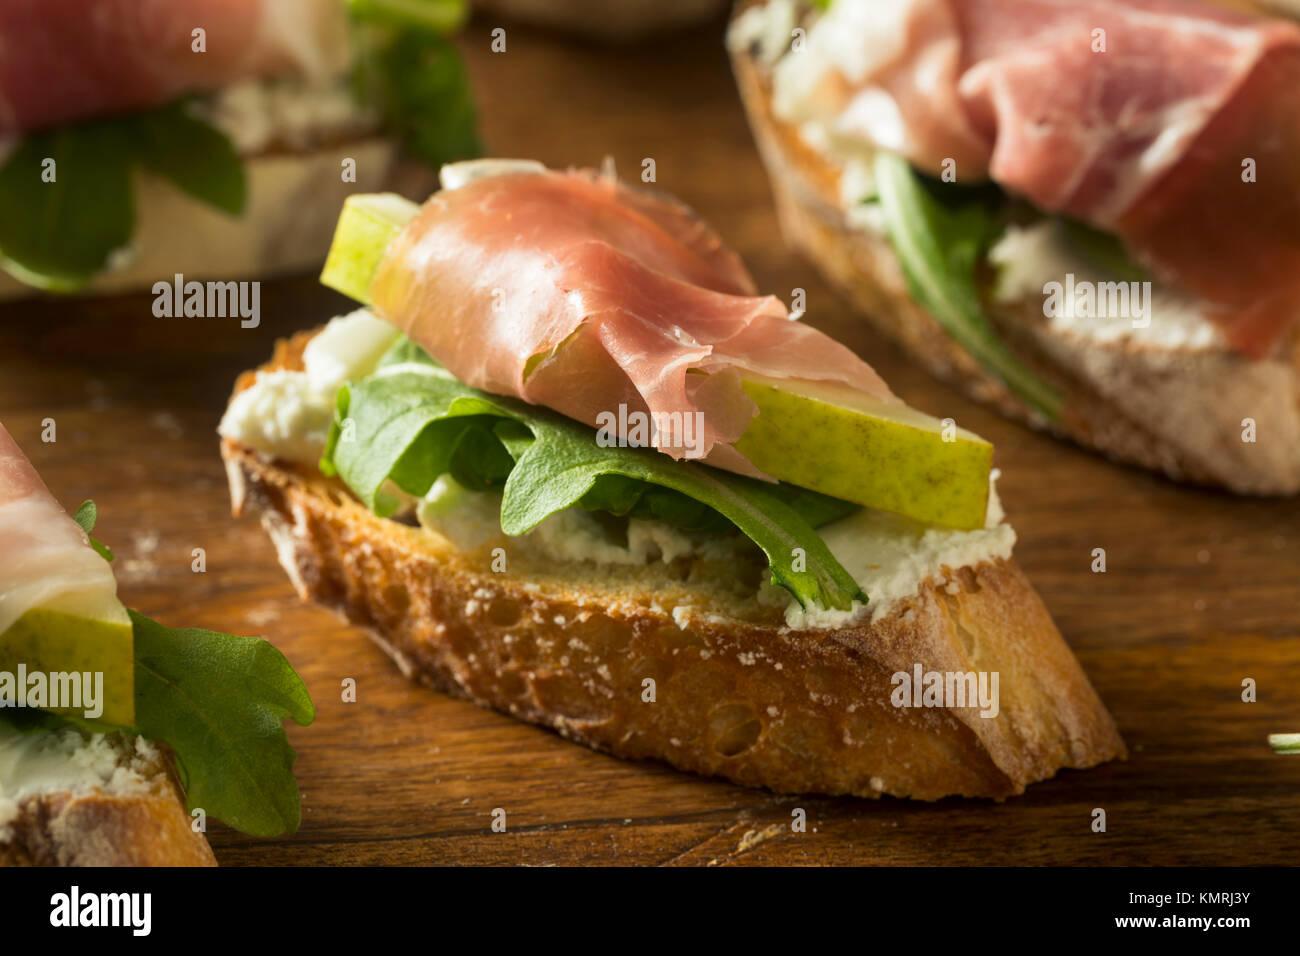 Le fromage fait maison Poire Prosciutto Crostini avec Roquette Photo Stock